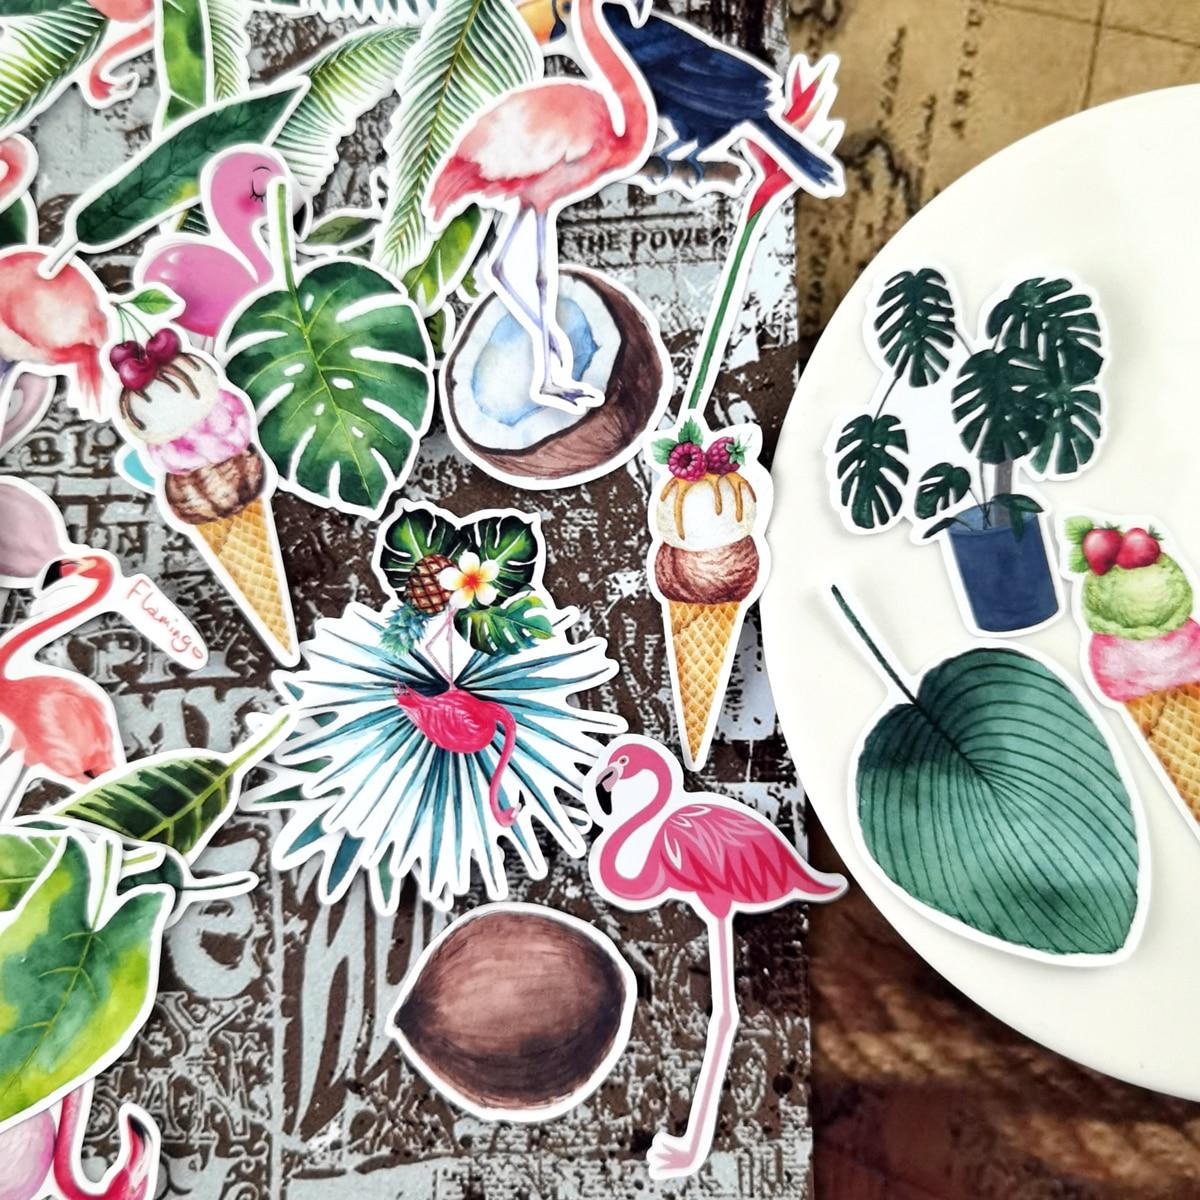 pegatinas-kawaii-ins-flaming-de-plantas-tropicales-paquete-de-regalo-artesanal-decoracion-adhesivo-diario-papeleria-planificador-naklejki-35-uds